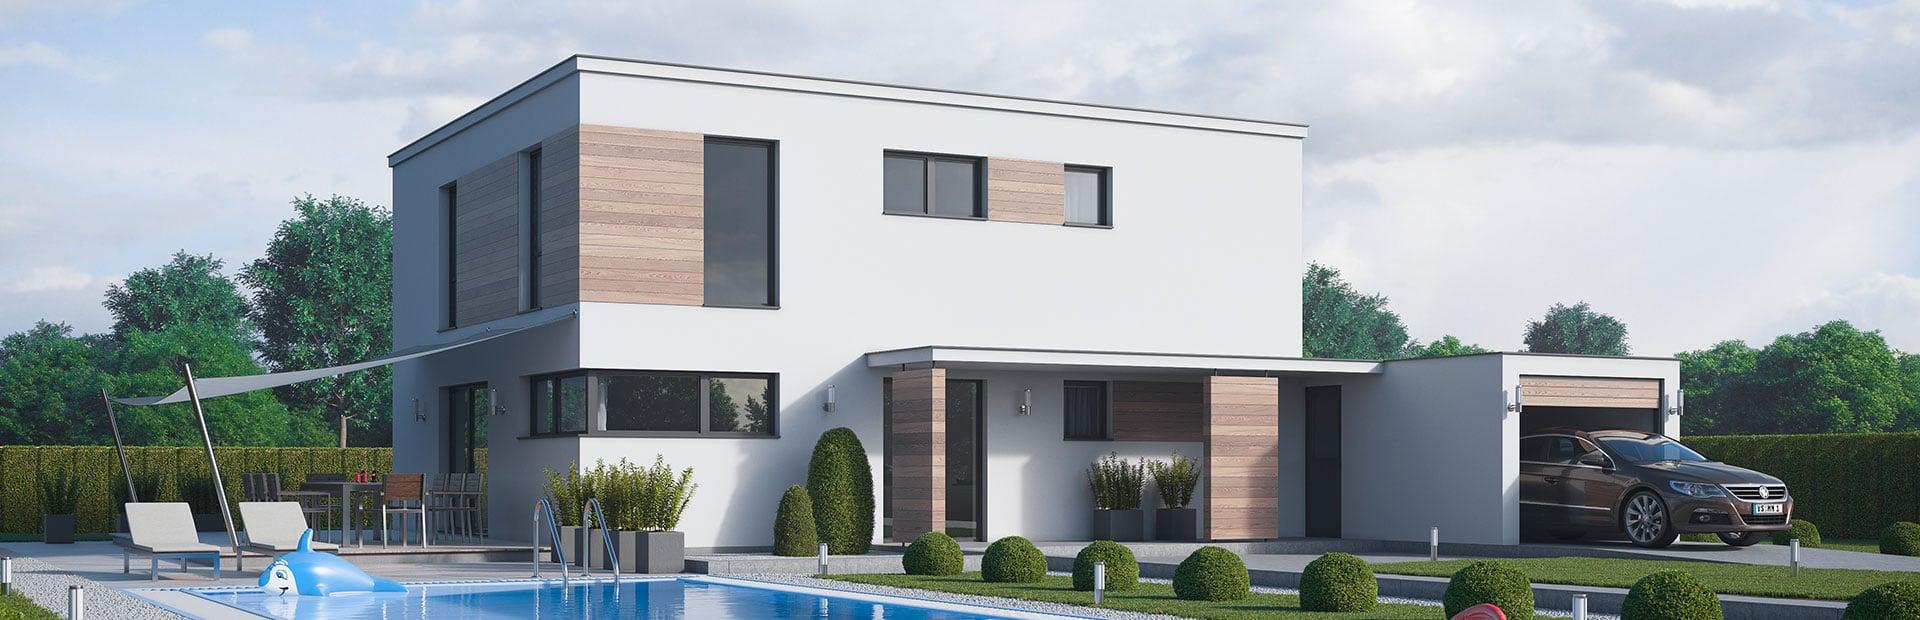 Bauhaus Fertighaus bauen